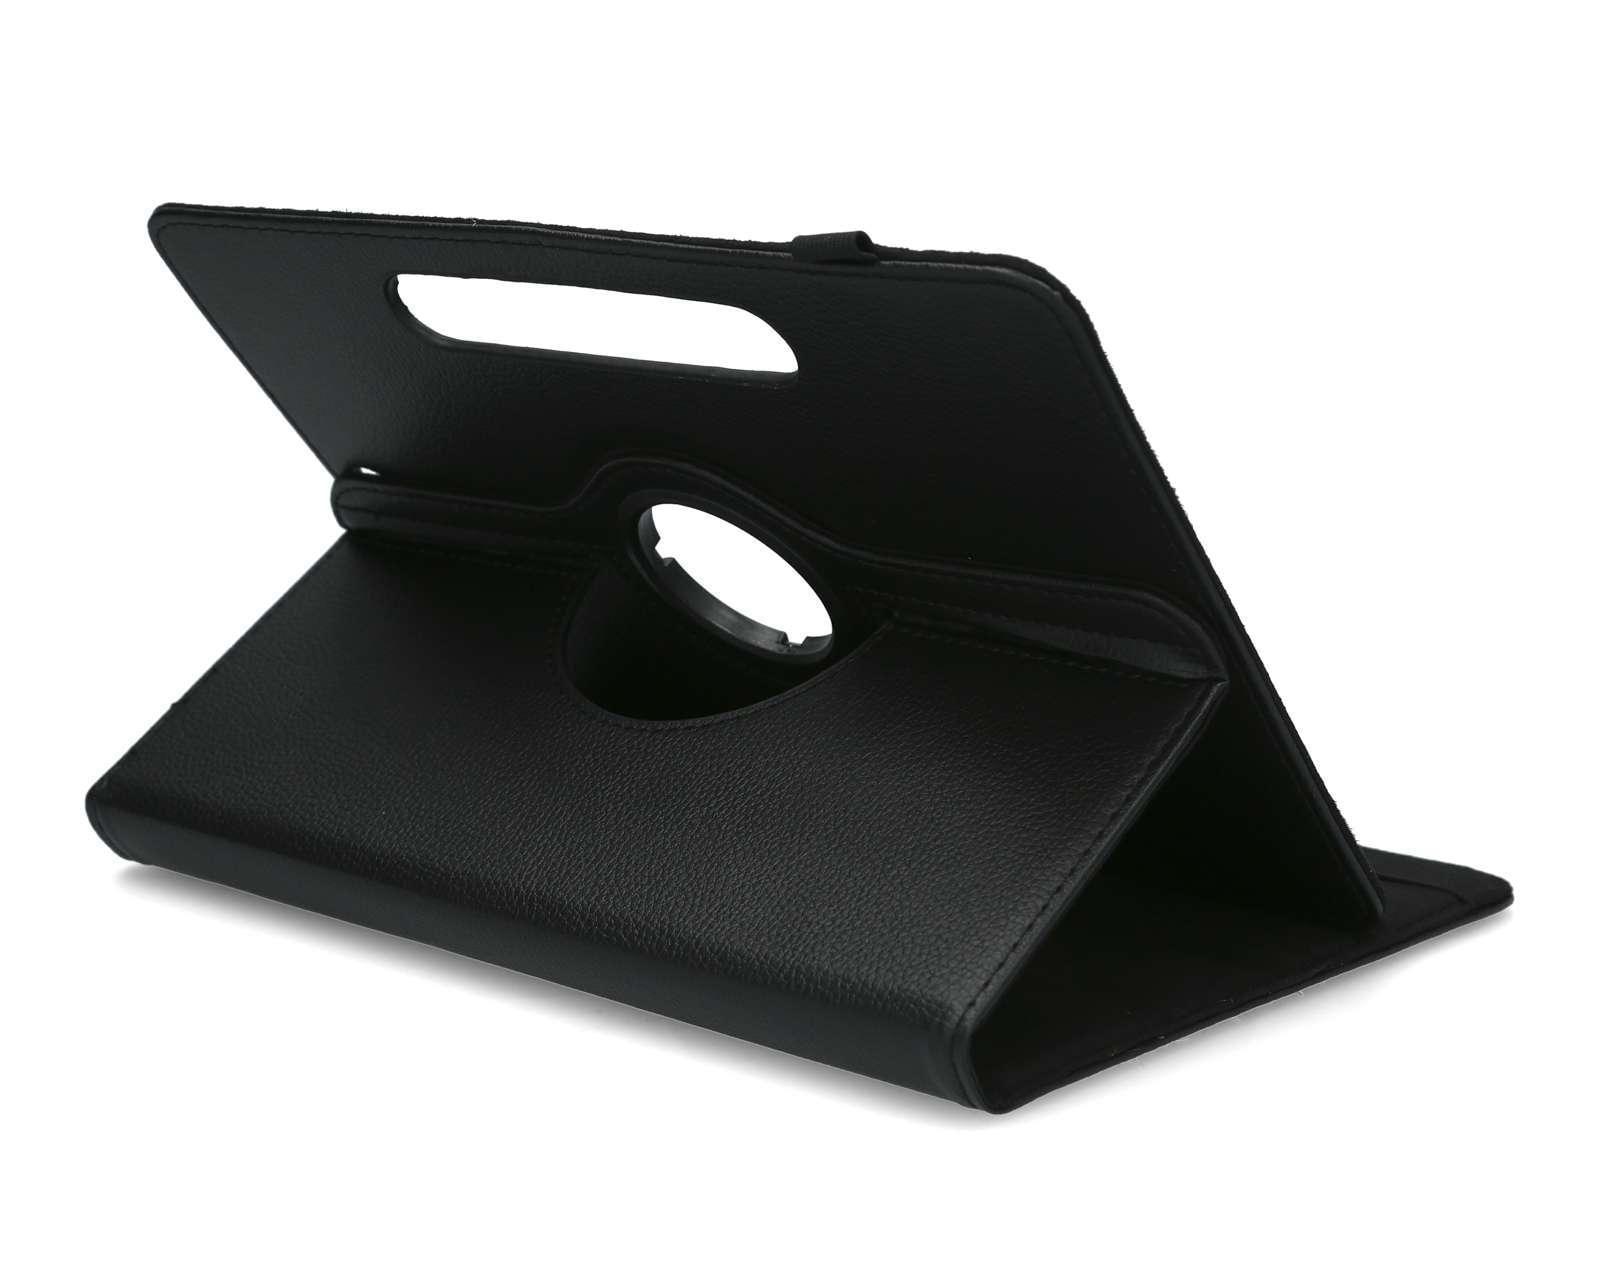 Foto 1 Funda para Tablet Novotek GK-002 Negro